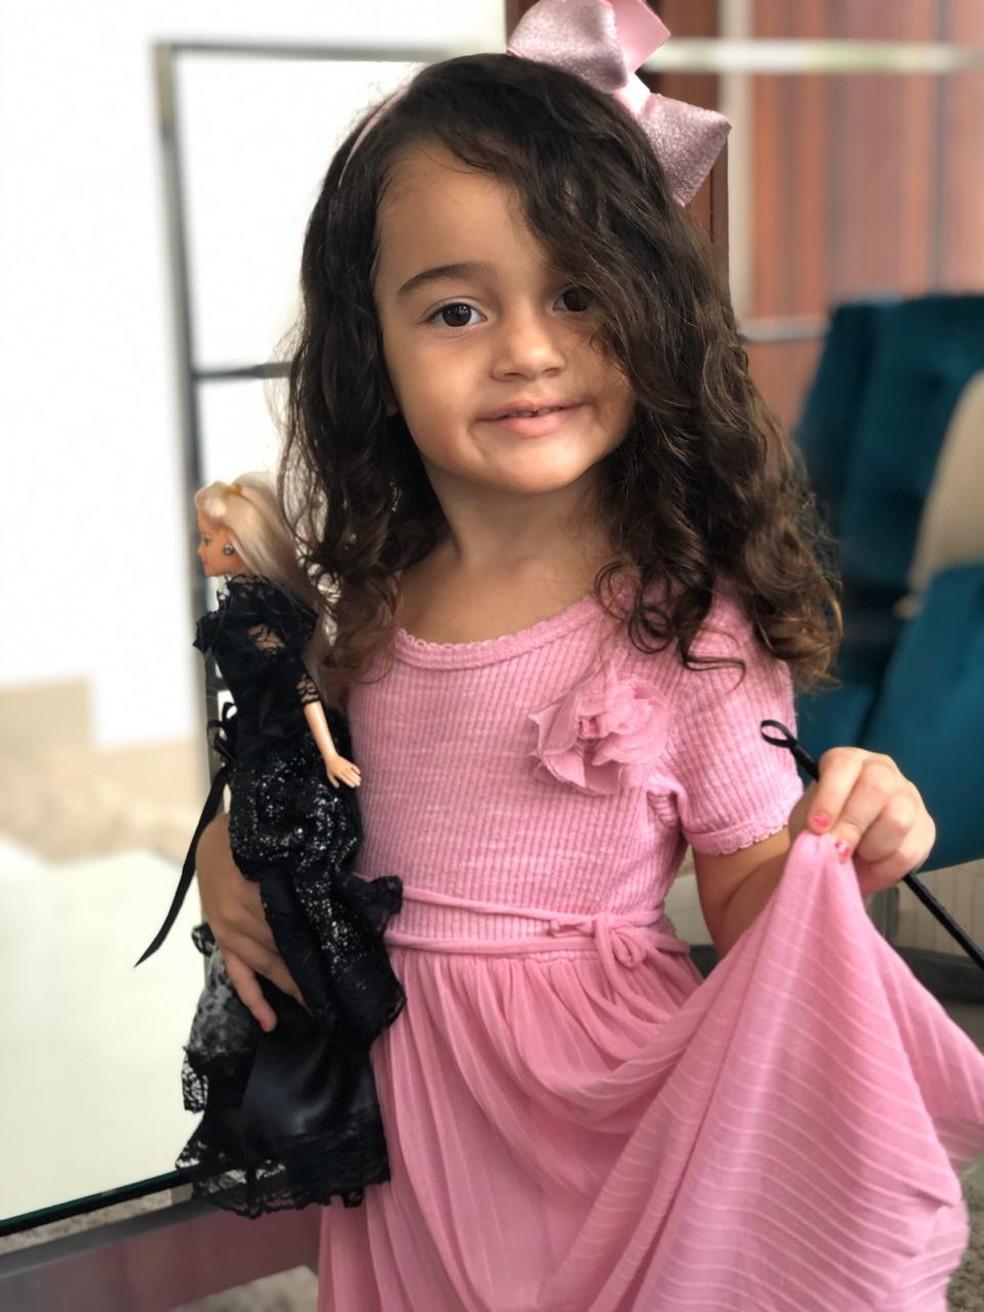 Alice tinha 3 anos e morreu devido um acidente vascular cerebral, na PB — Foto: Leandro Gonzales/Arquivo Pessoal